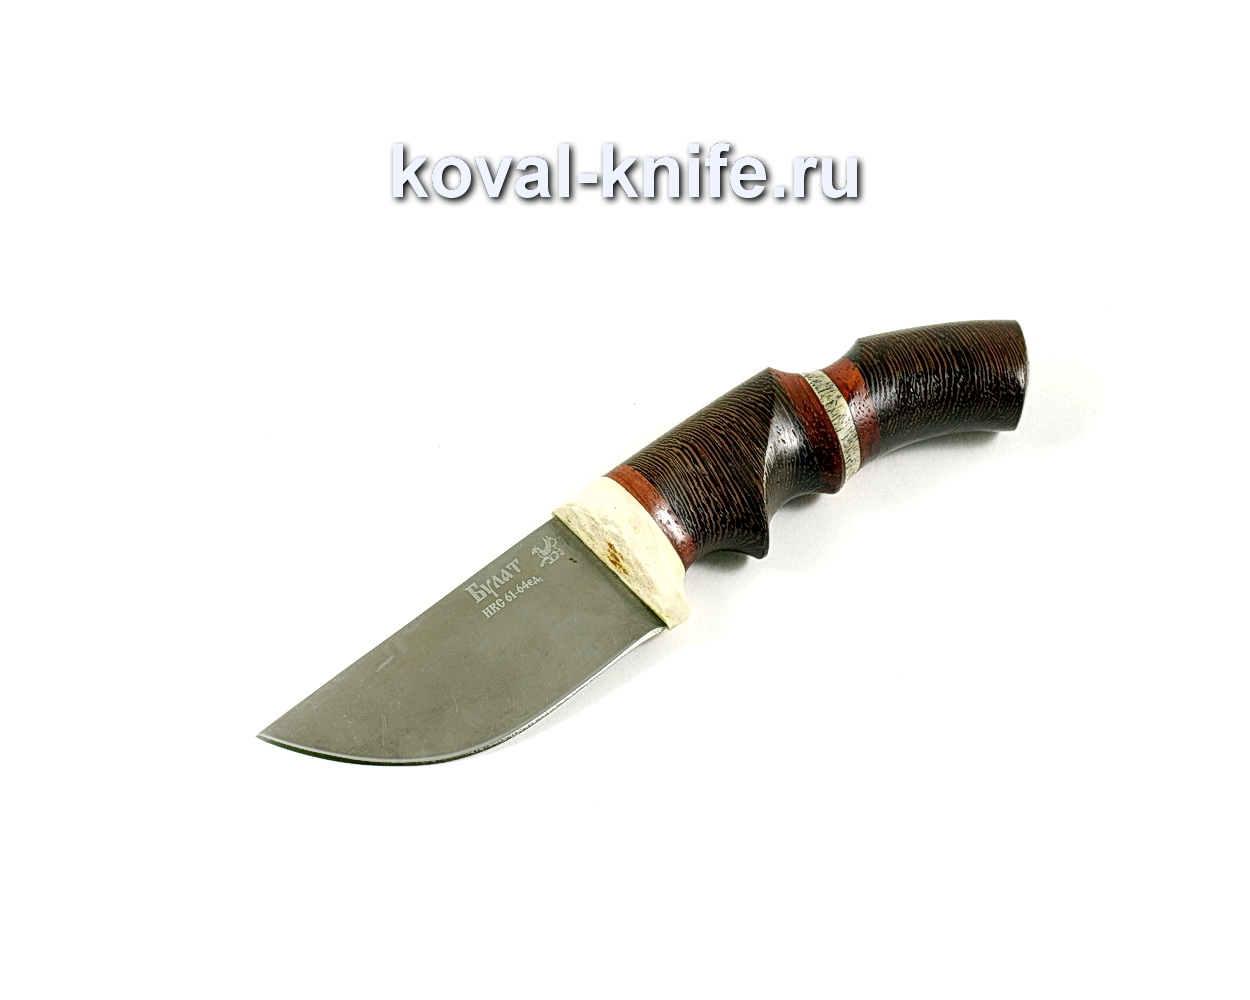 Нож Скин (сталь Булат), рукоять анатомическая, венге A203